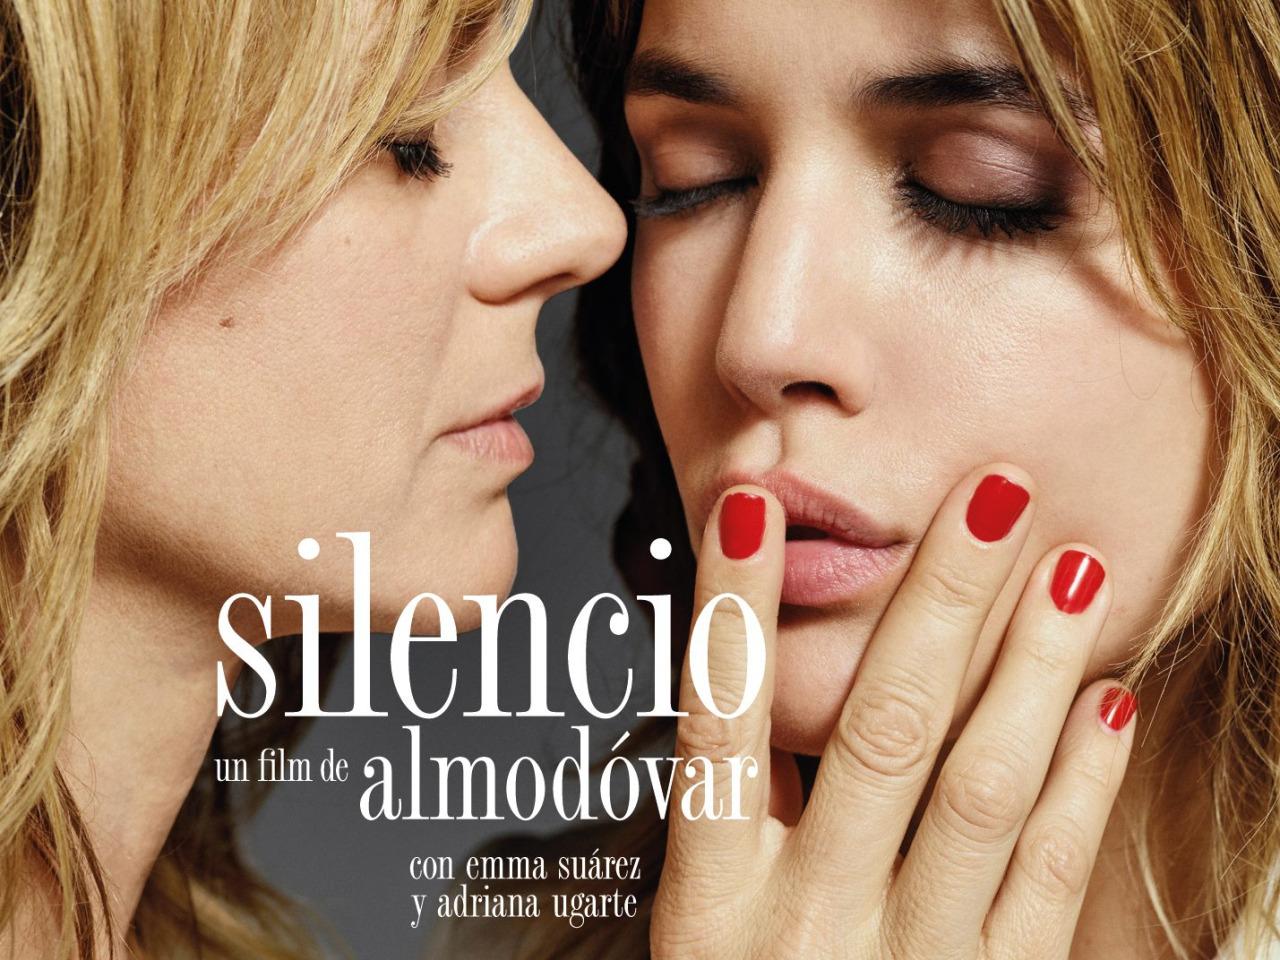 Plakatskisse fra før filmen skiften tittel fra «Silencio» til «Julieta».